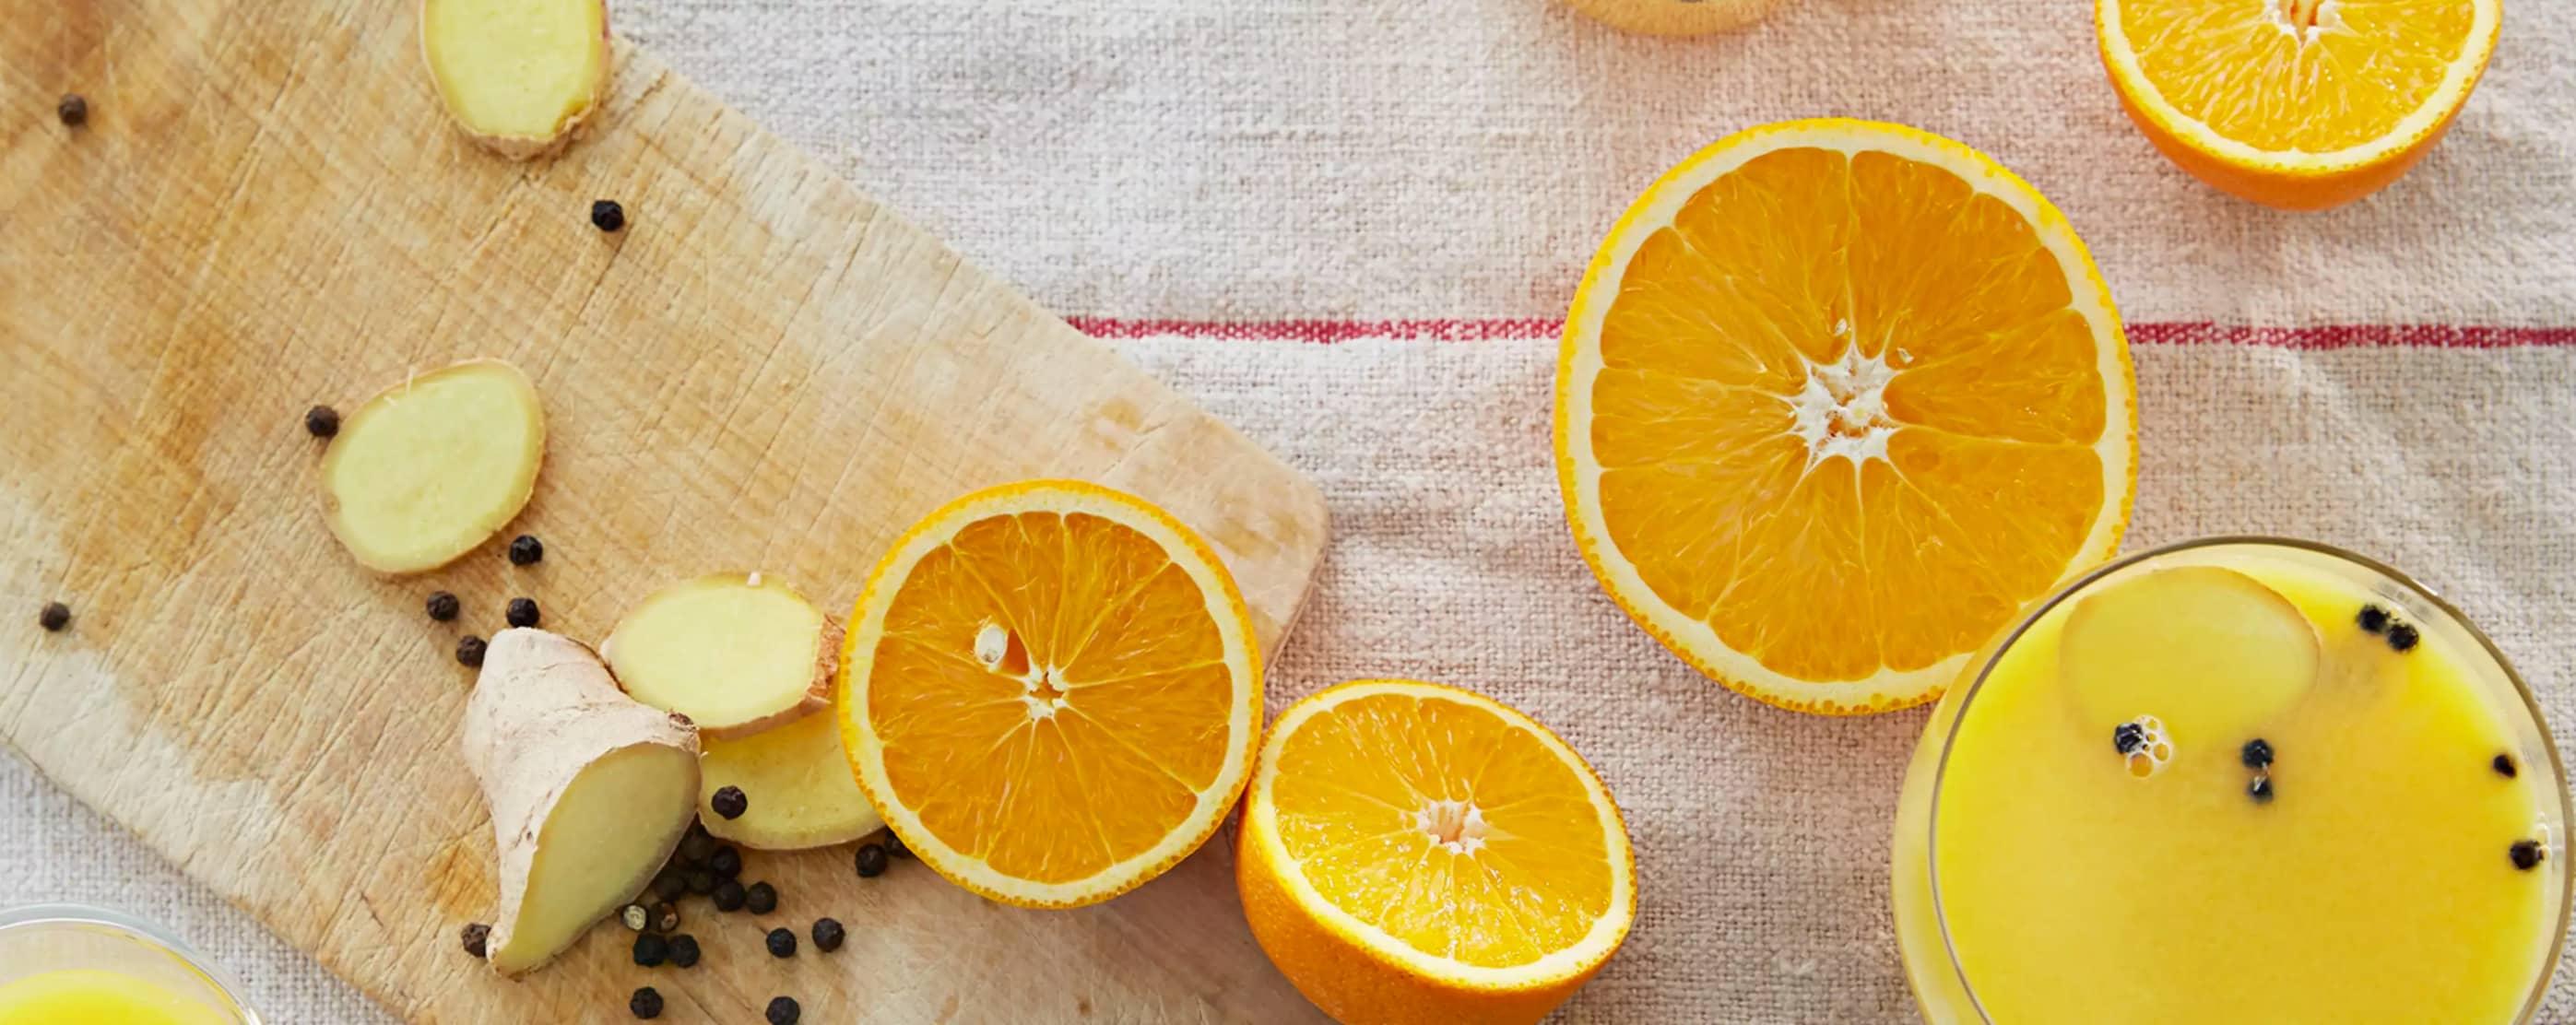 Det er ikke bare til jul at varm appelsindrikk med ingefær kan smake godt.